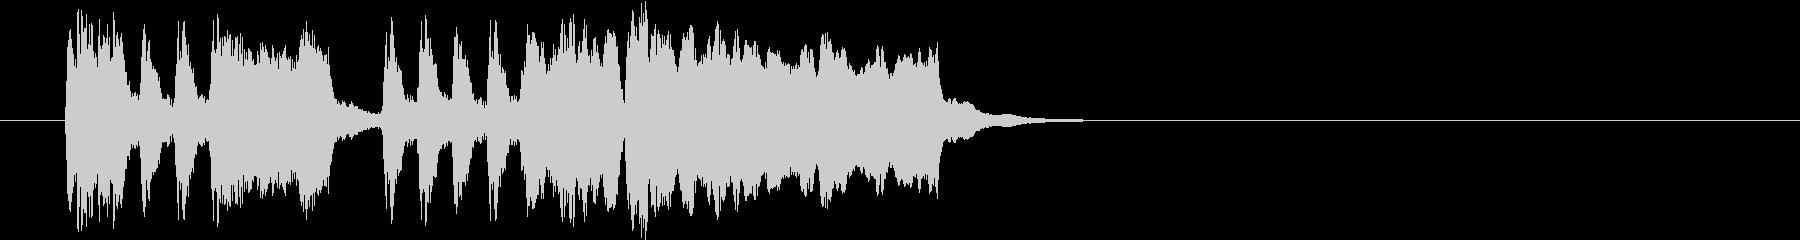 Tpファンファーレ 普通め遅め滑らかめの未再生の波形